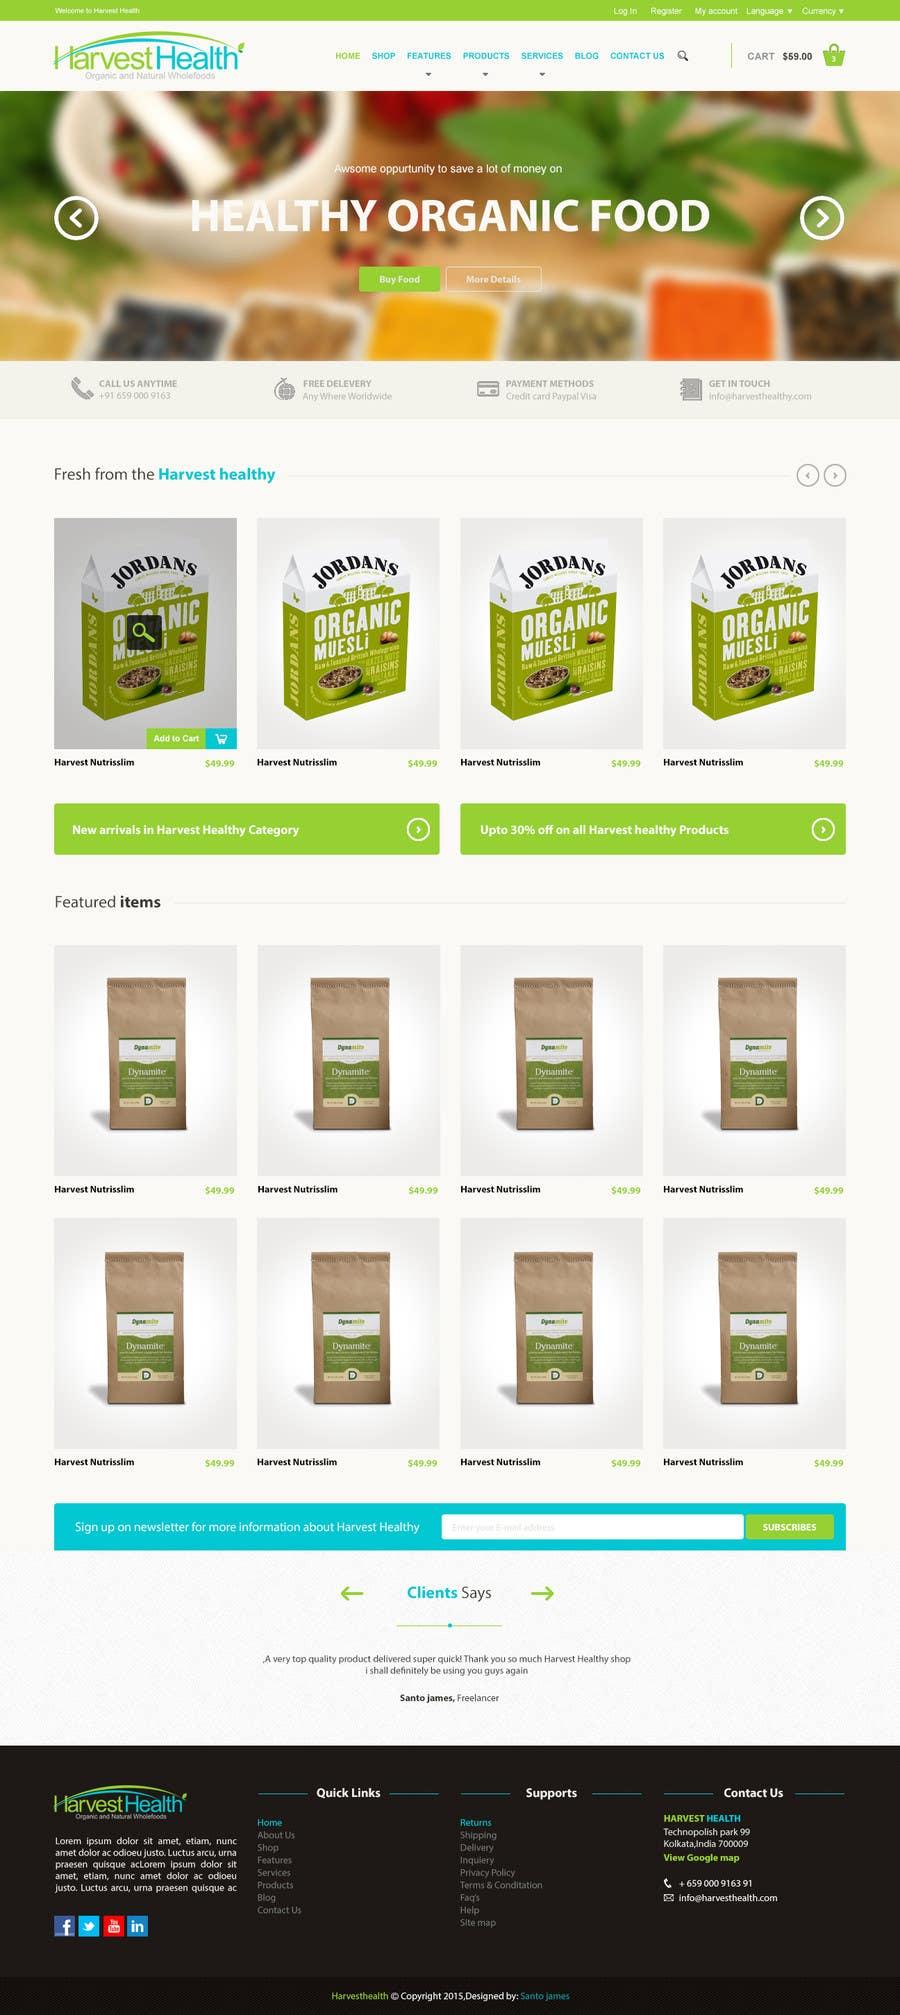 Konkurrenceindlæg #                                        6                                      for                                         Design a Website Mockup for A Health Food Shop